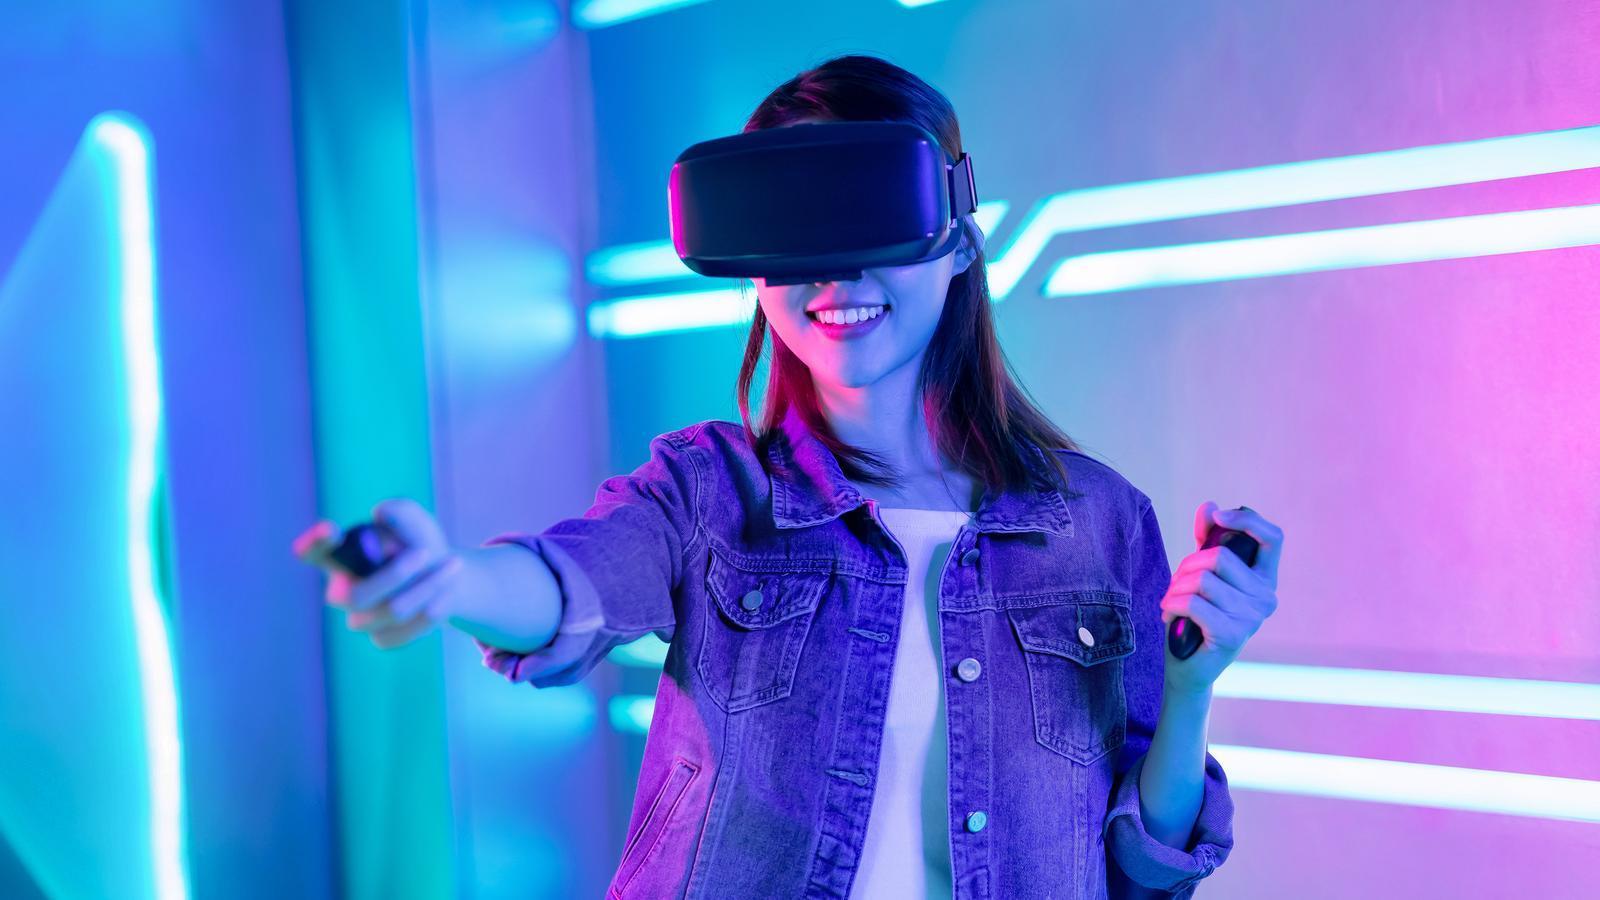 Una noia jugant amb unes ulleres de realitat virtual